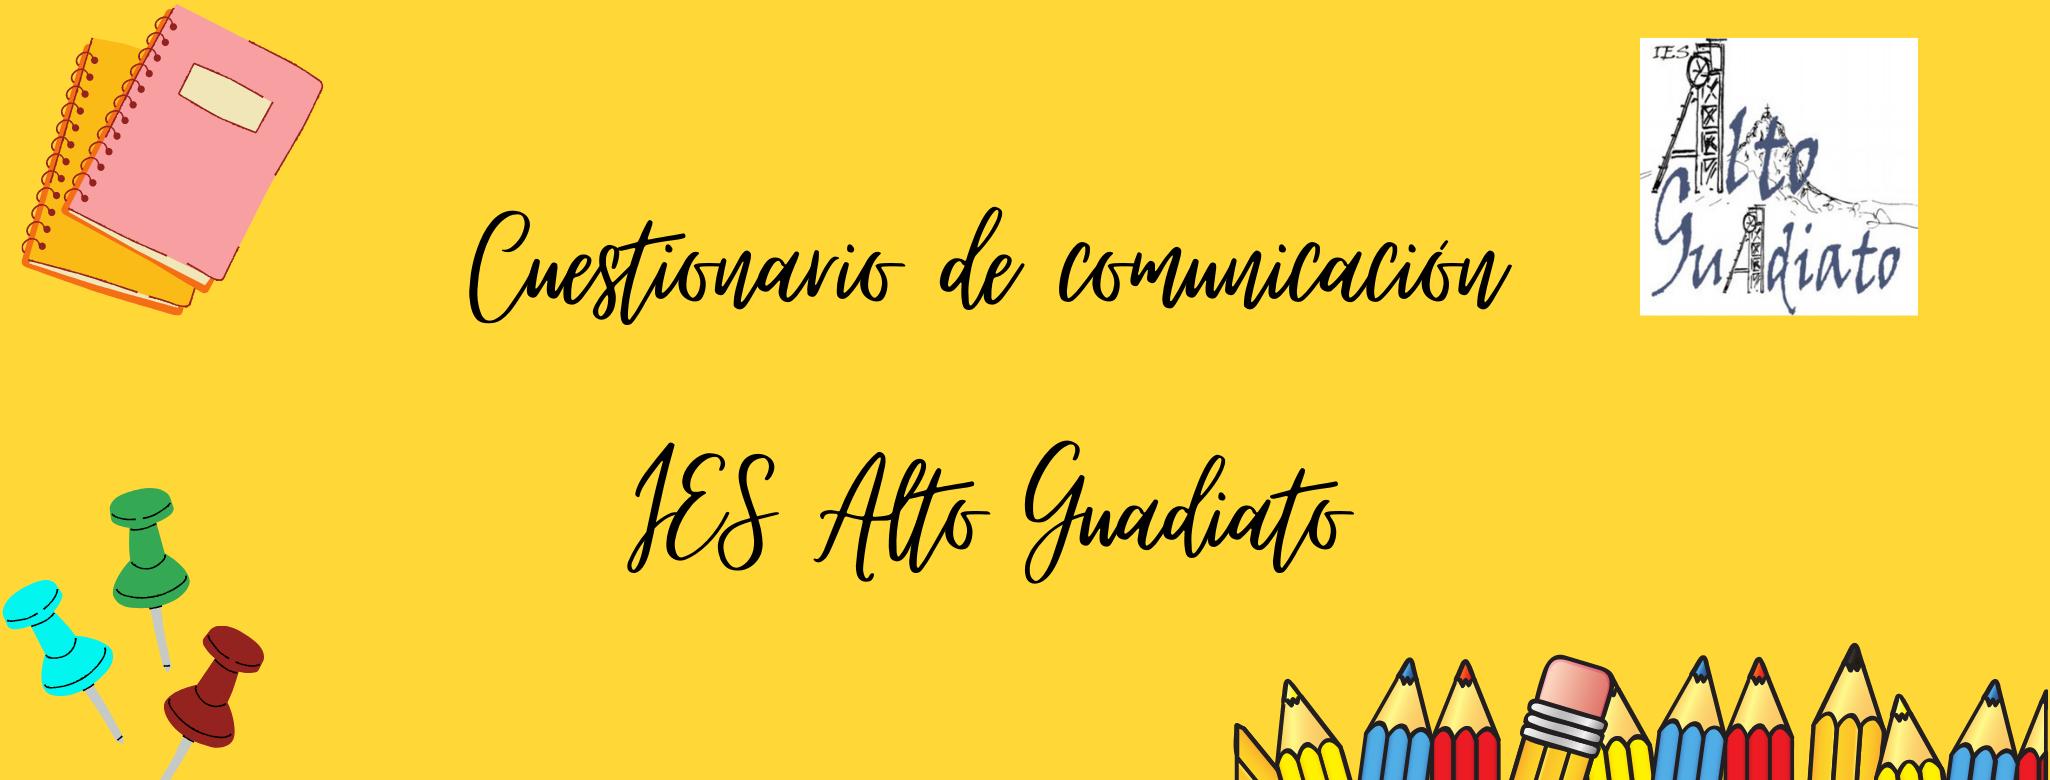 Cuestionario de comunicación